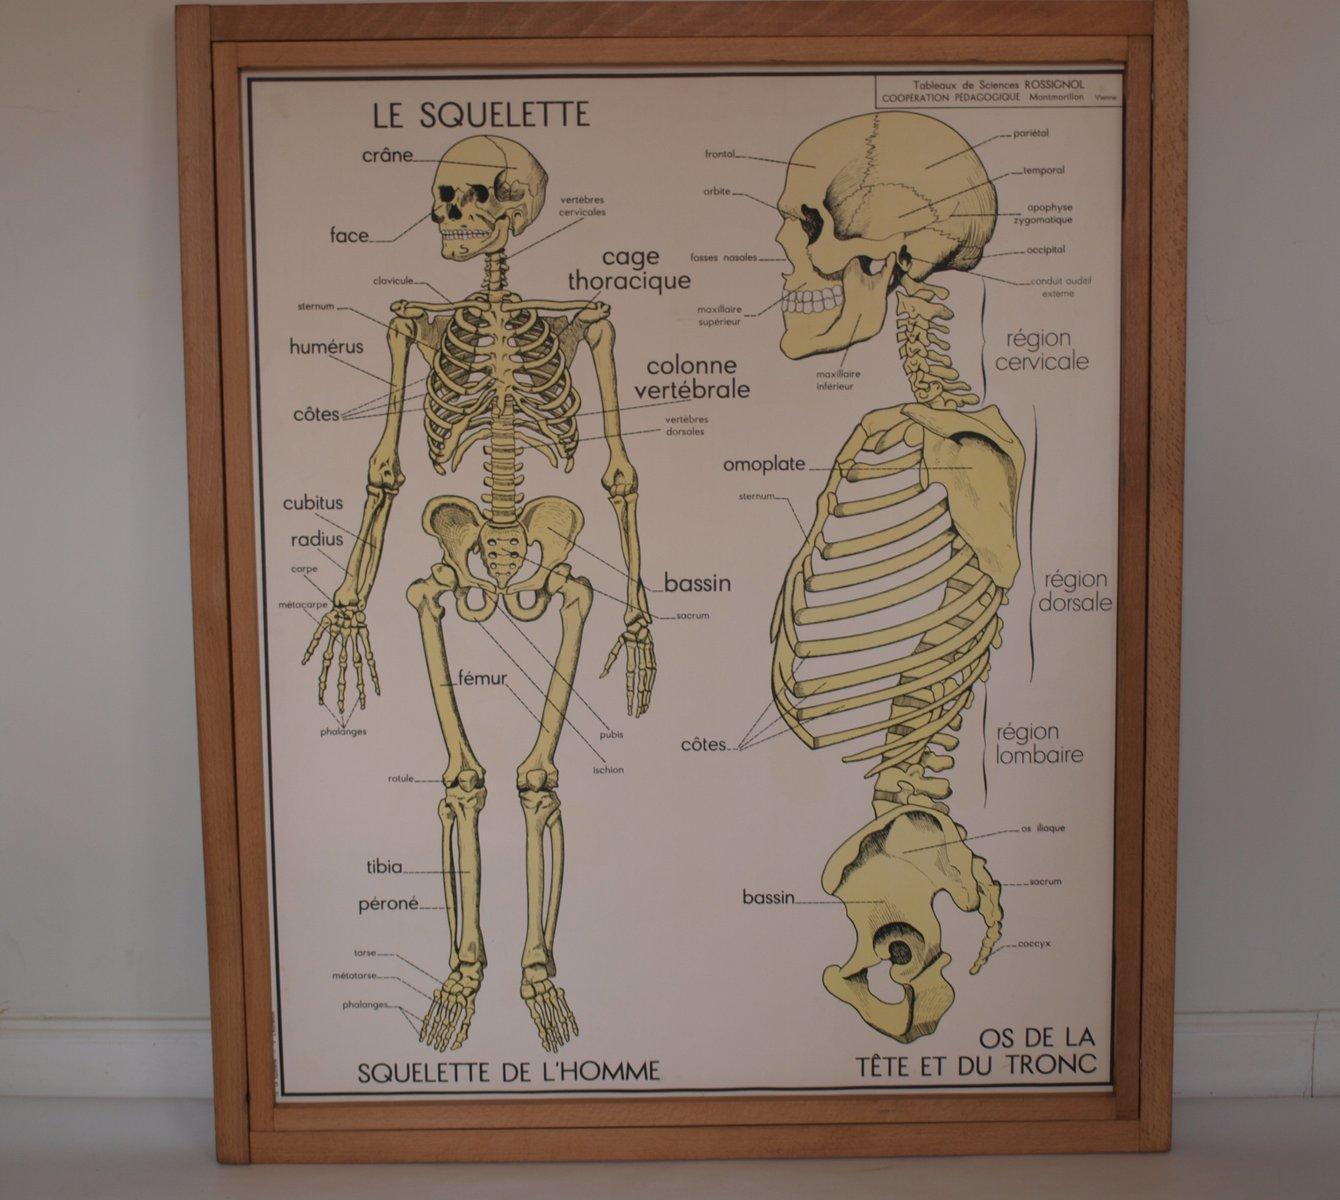 Vintage Anatomy Posters Gallery - human anatomy diagram organs